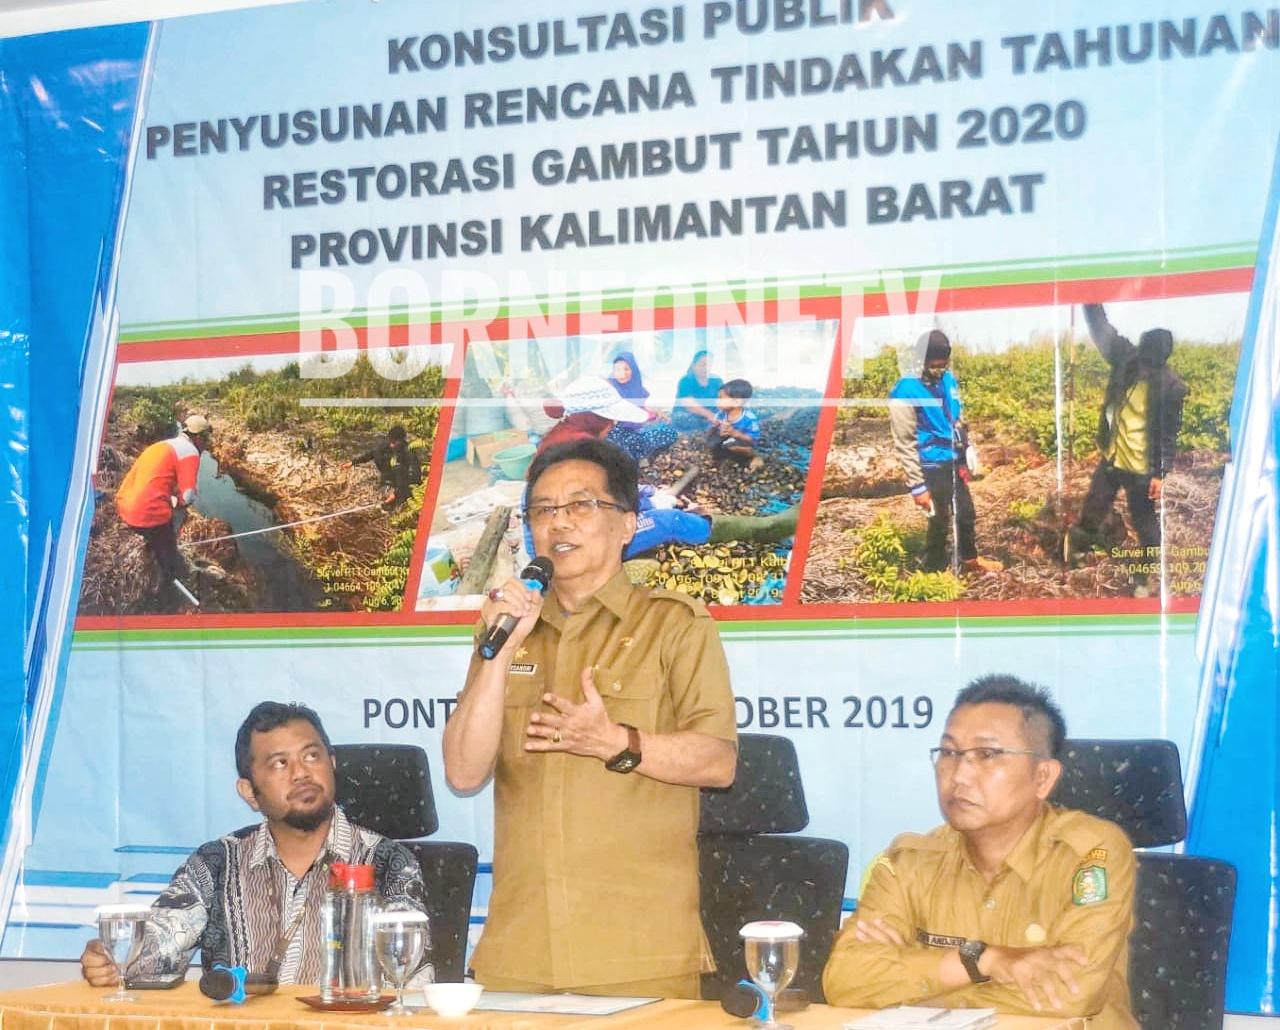 Sekda Kalbar AL Leysandri saat pembukaan Konsultasi Publik Rencana Tindakan Tahunan 2020 Provinsi Kalbar, di hotel Ibis Pontianak (14/20/2019). Foto: BorneOneTV/Lay